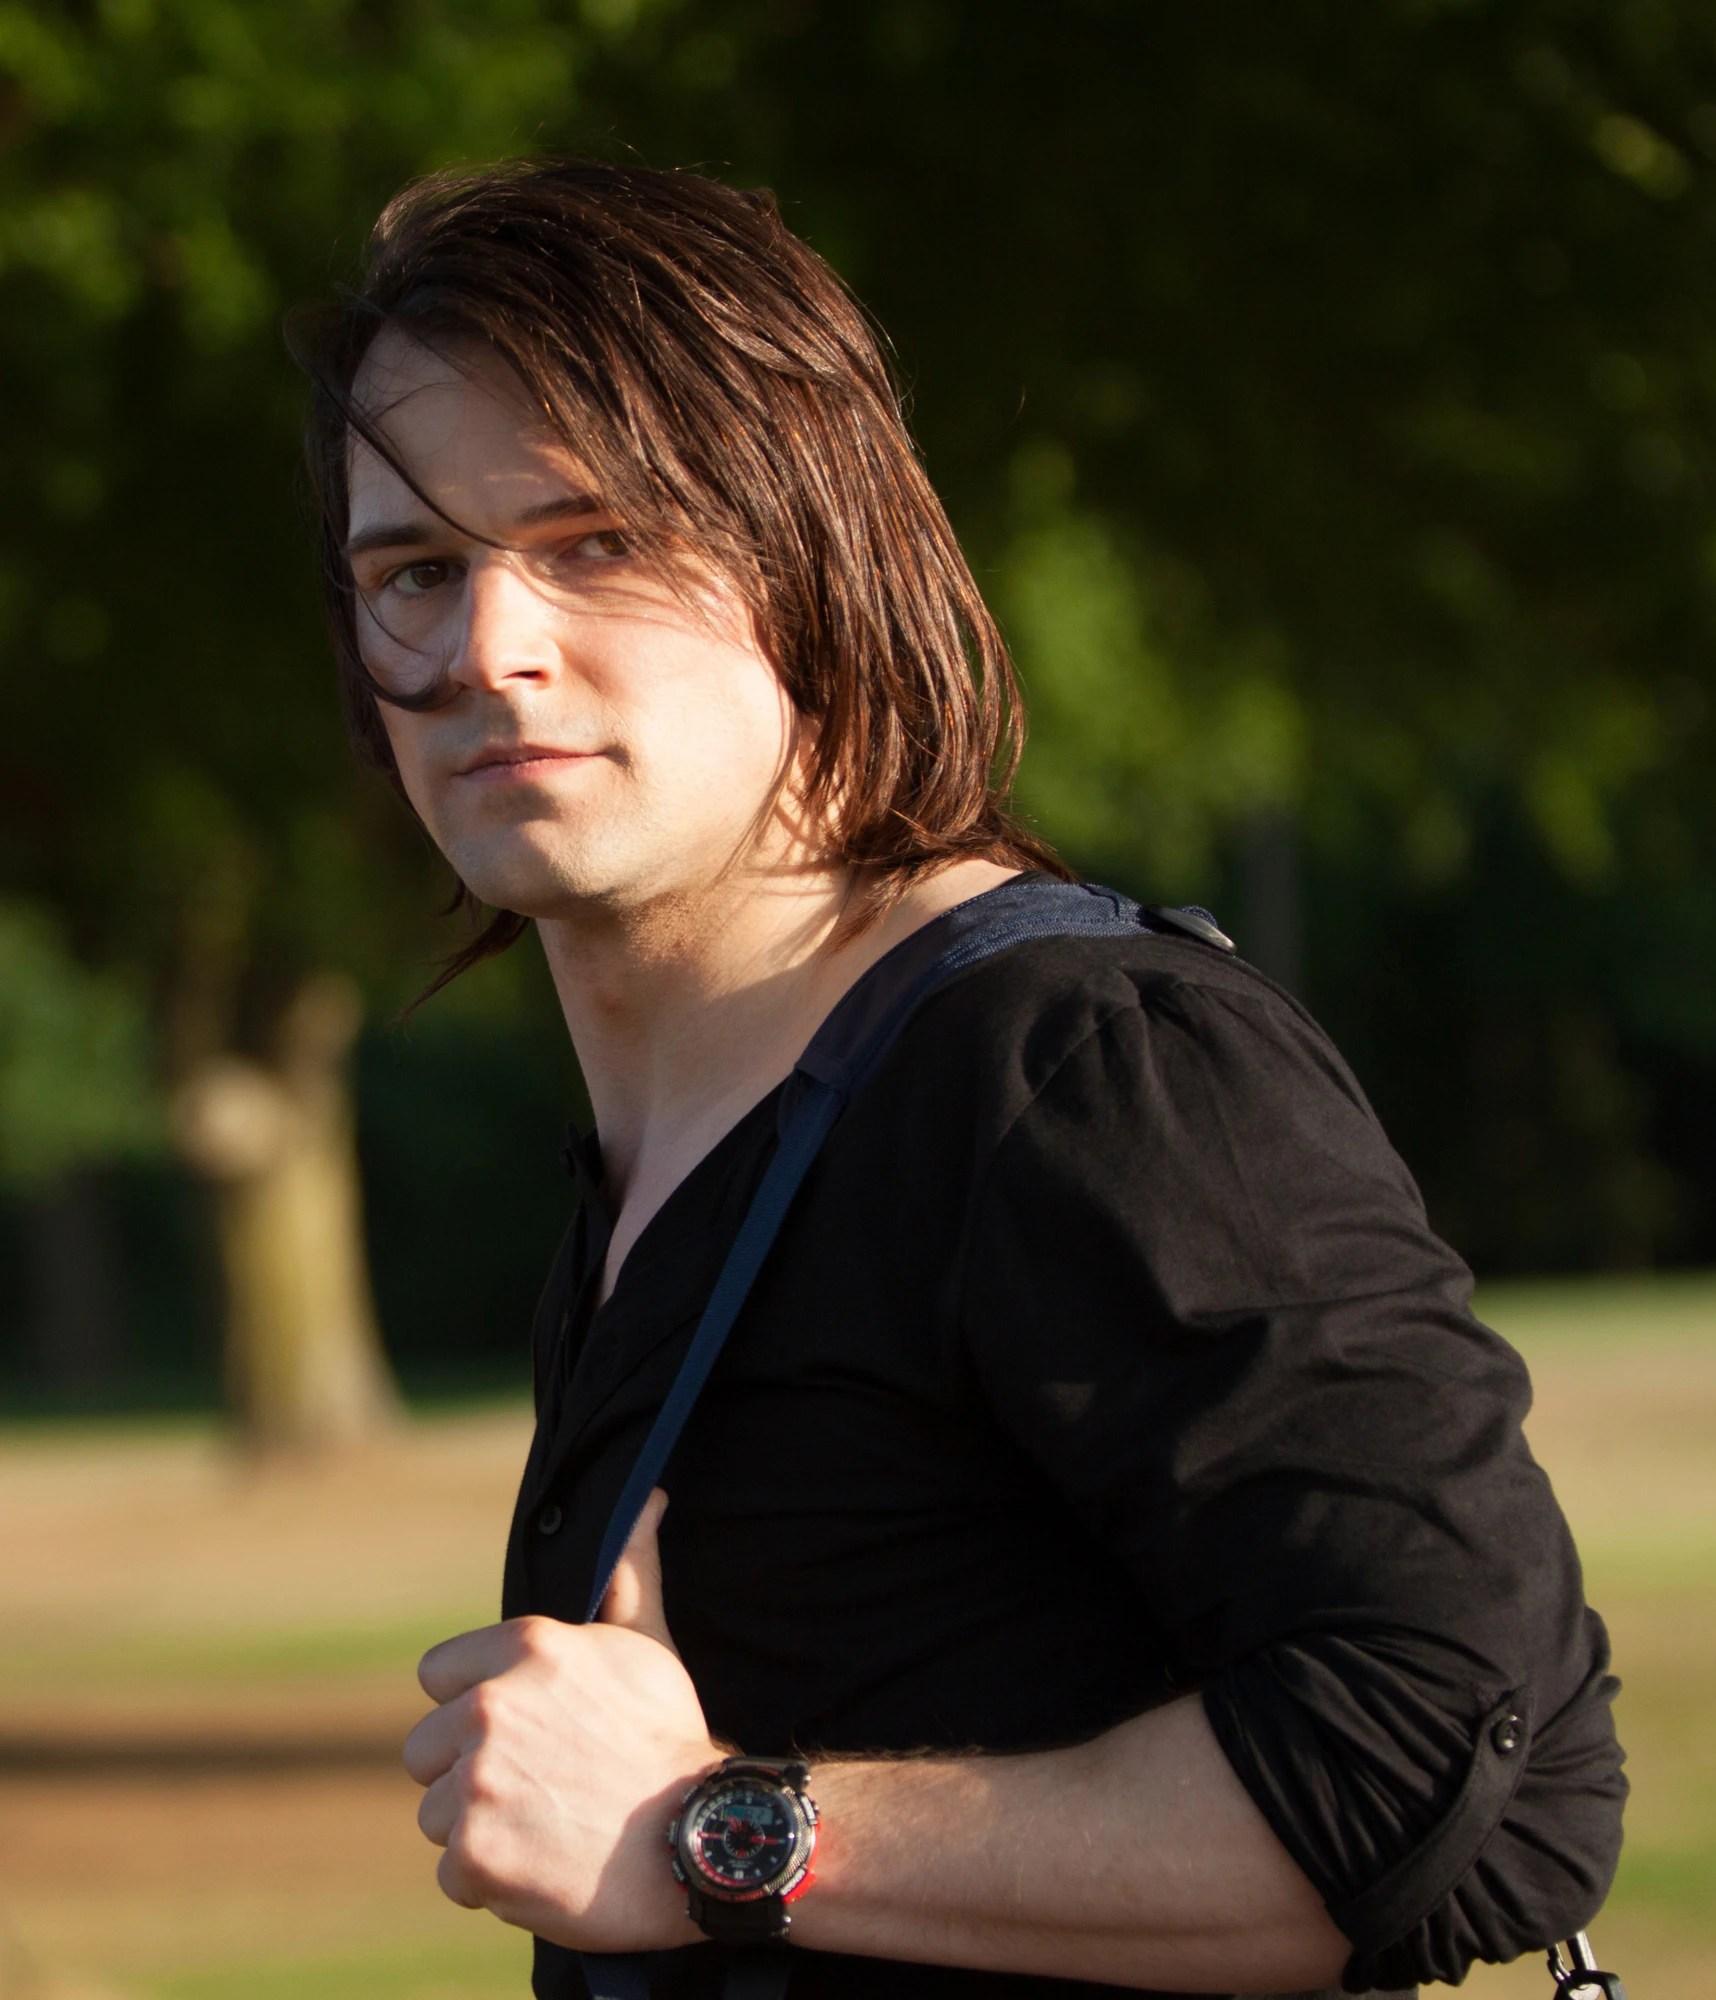 Dimitri Belikov from Vampire Academy